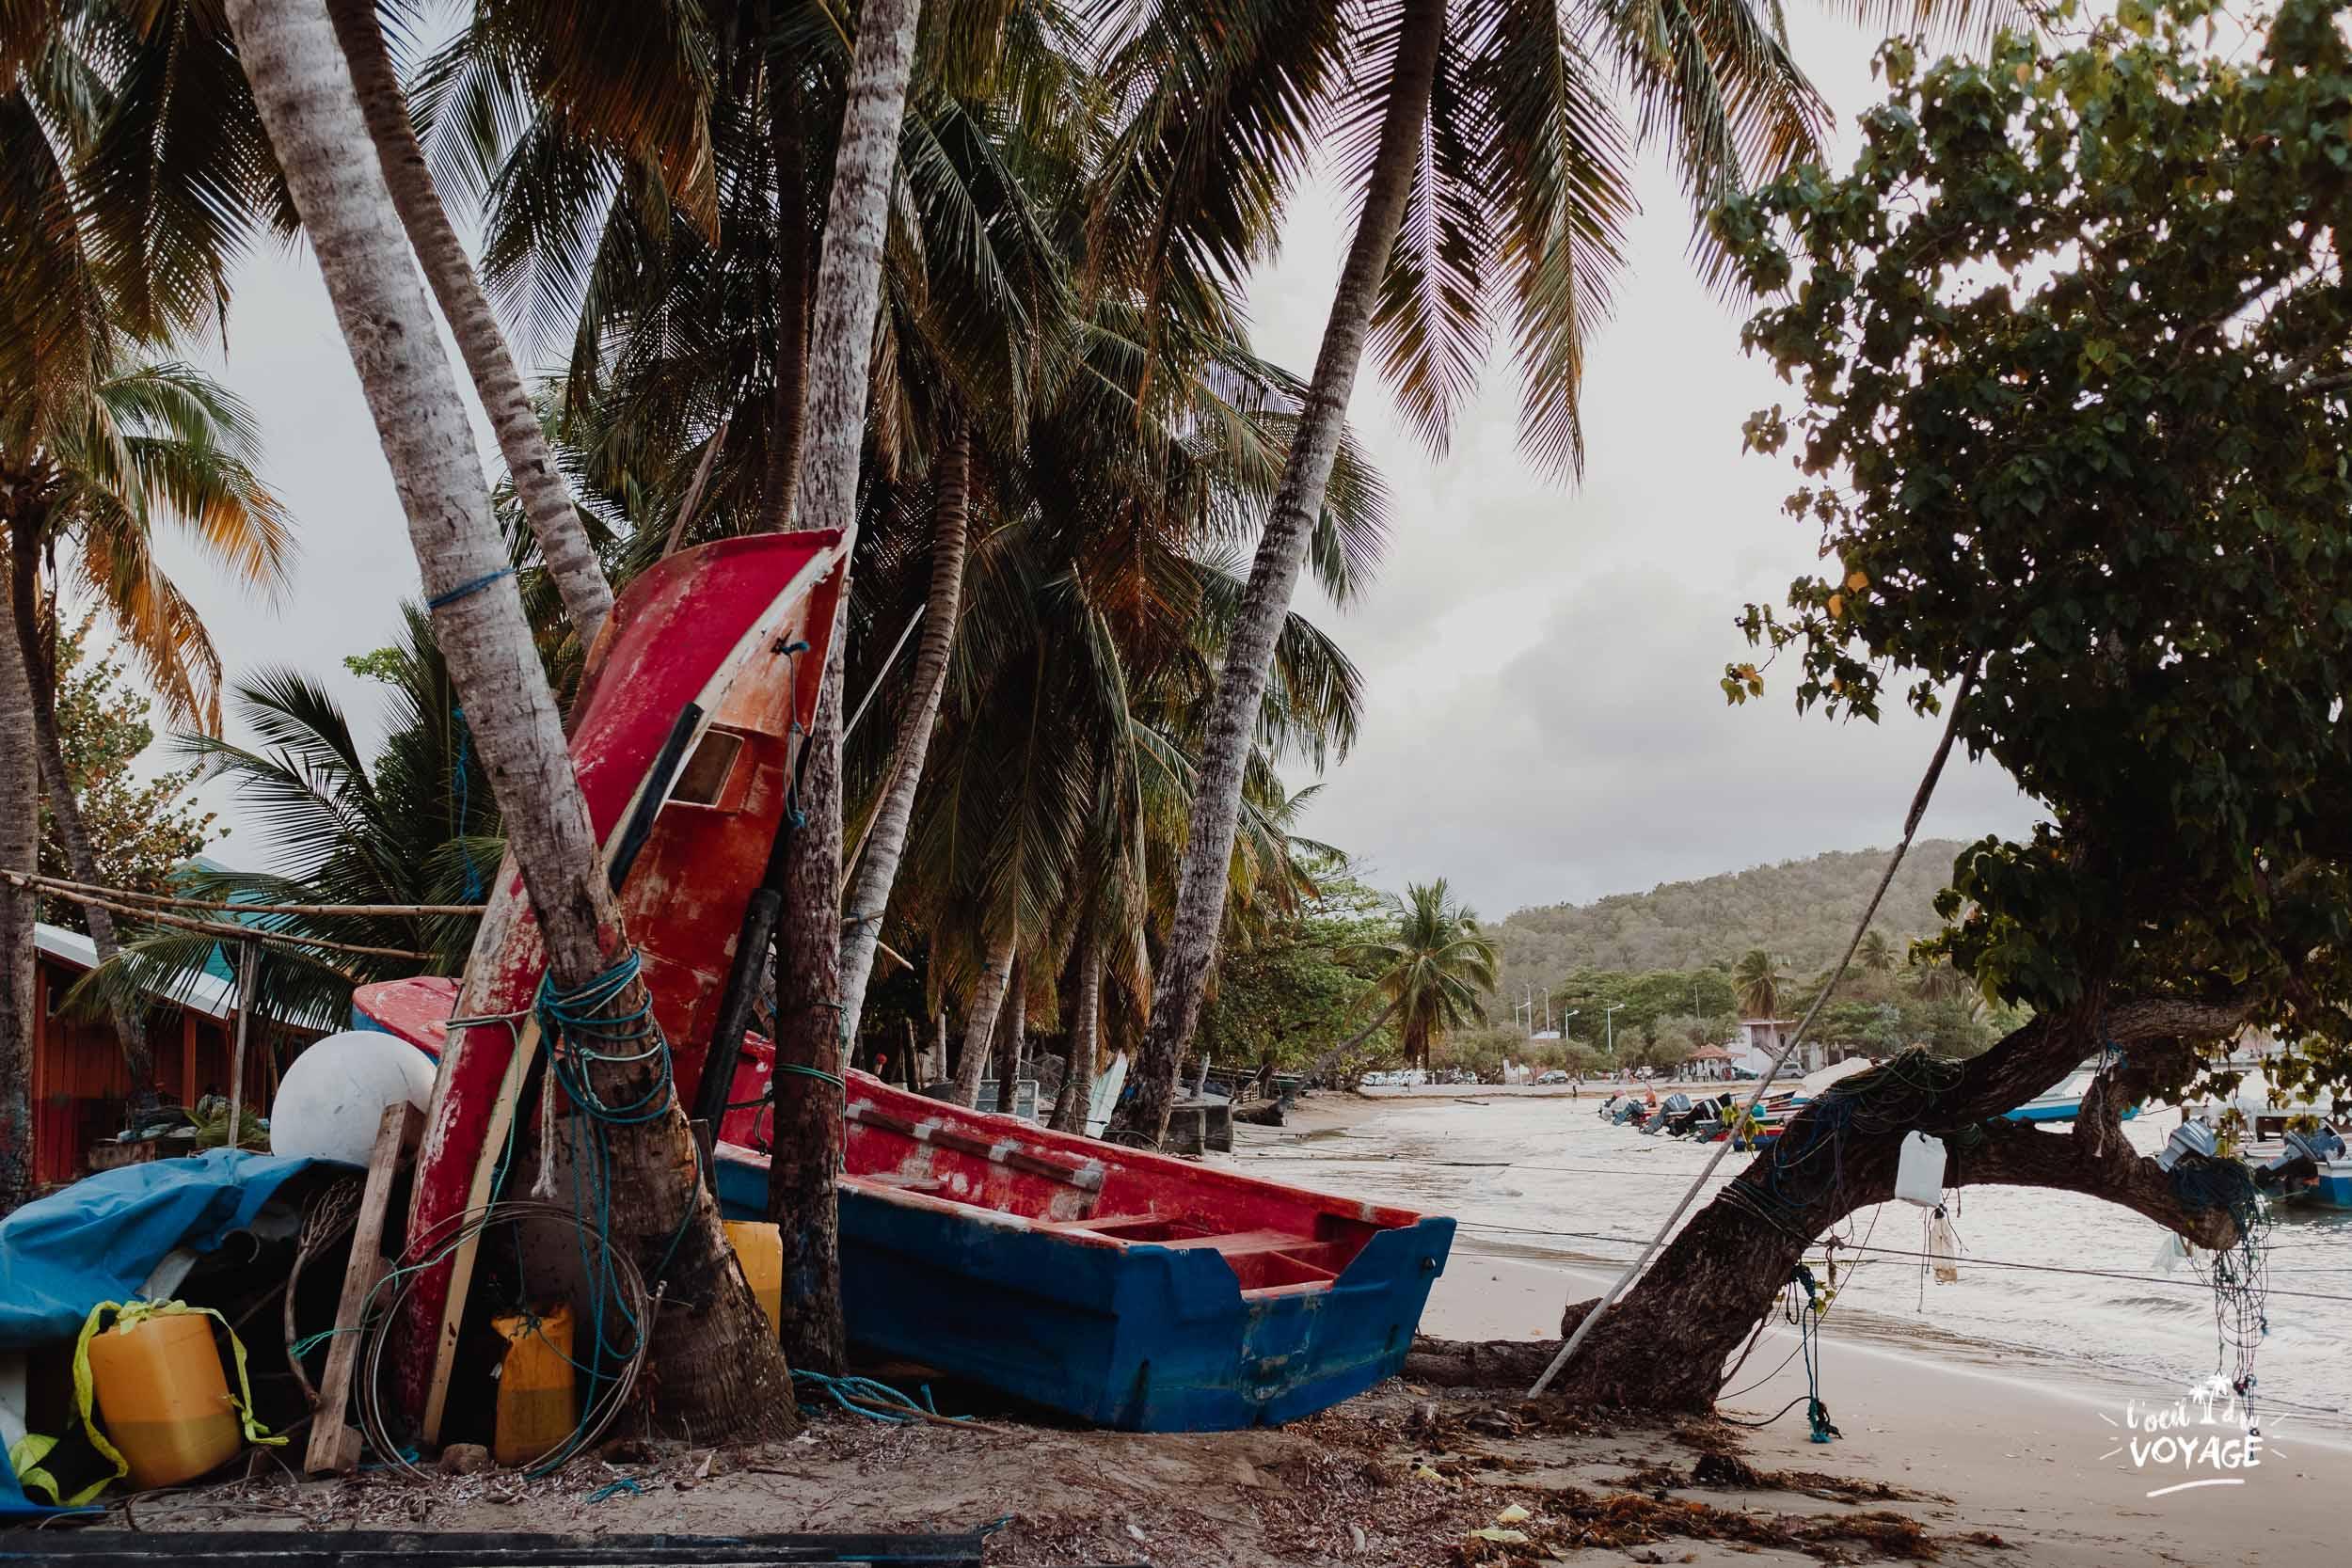 Tartane, village de pêcheur en Martinique. Meilleur blog voyage martinique.